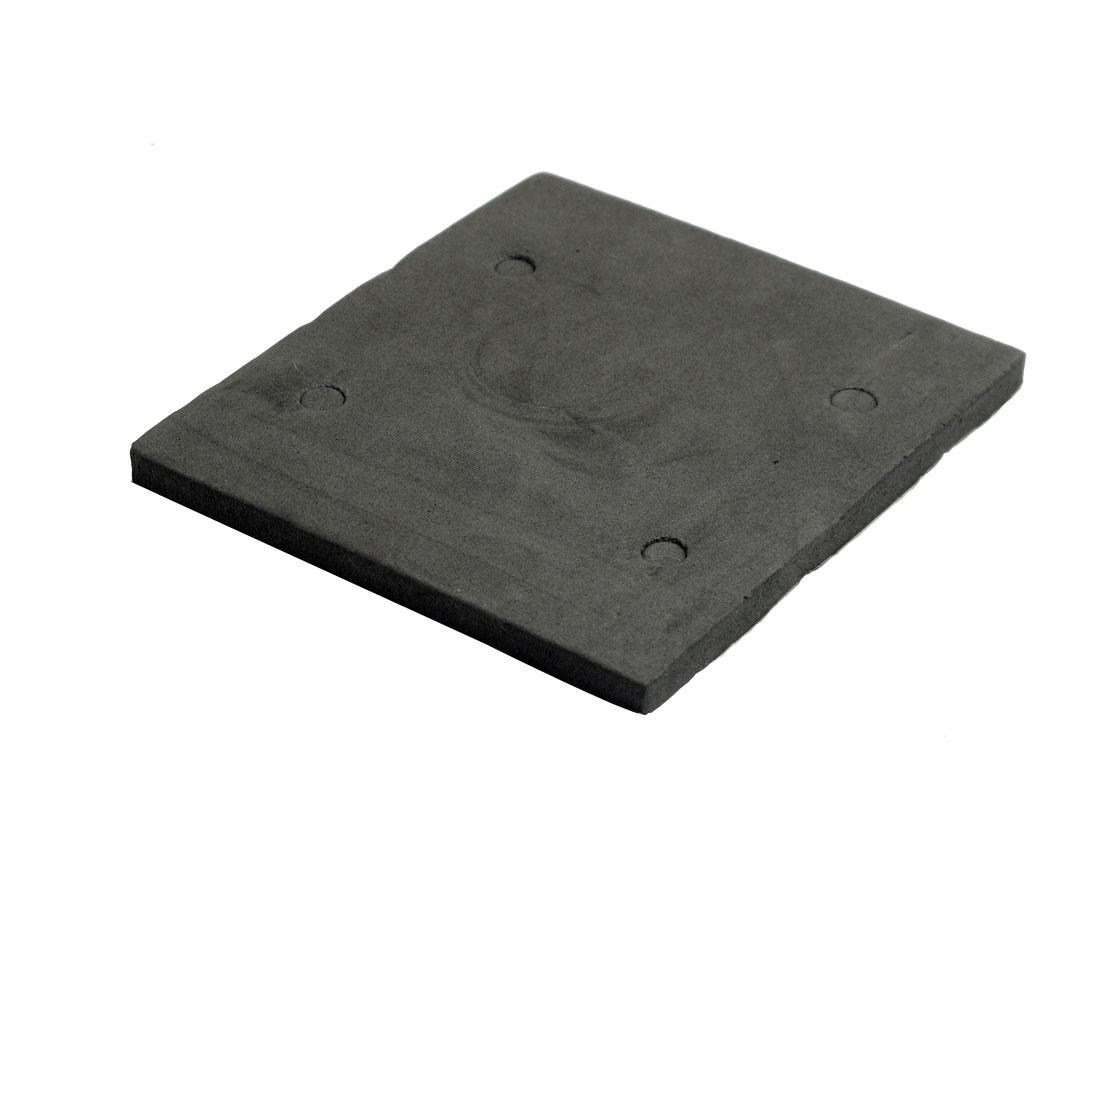 Replacing Part Foam Sander Back Pad Sanding Mat Gray for Makita 4510